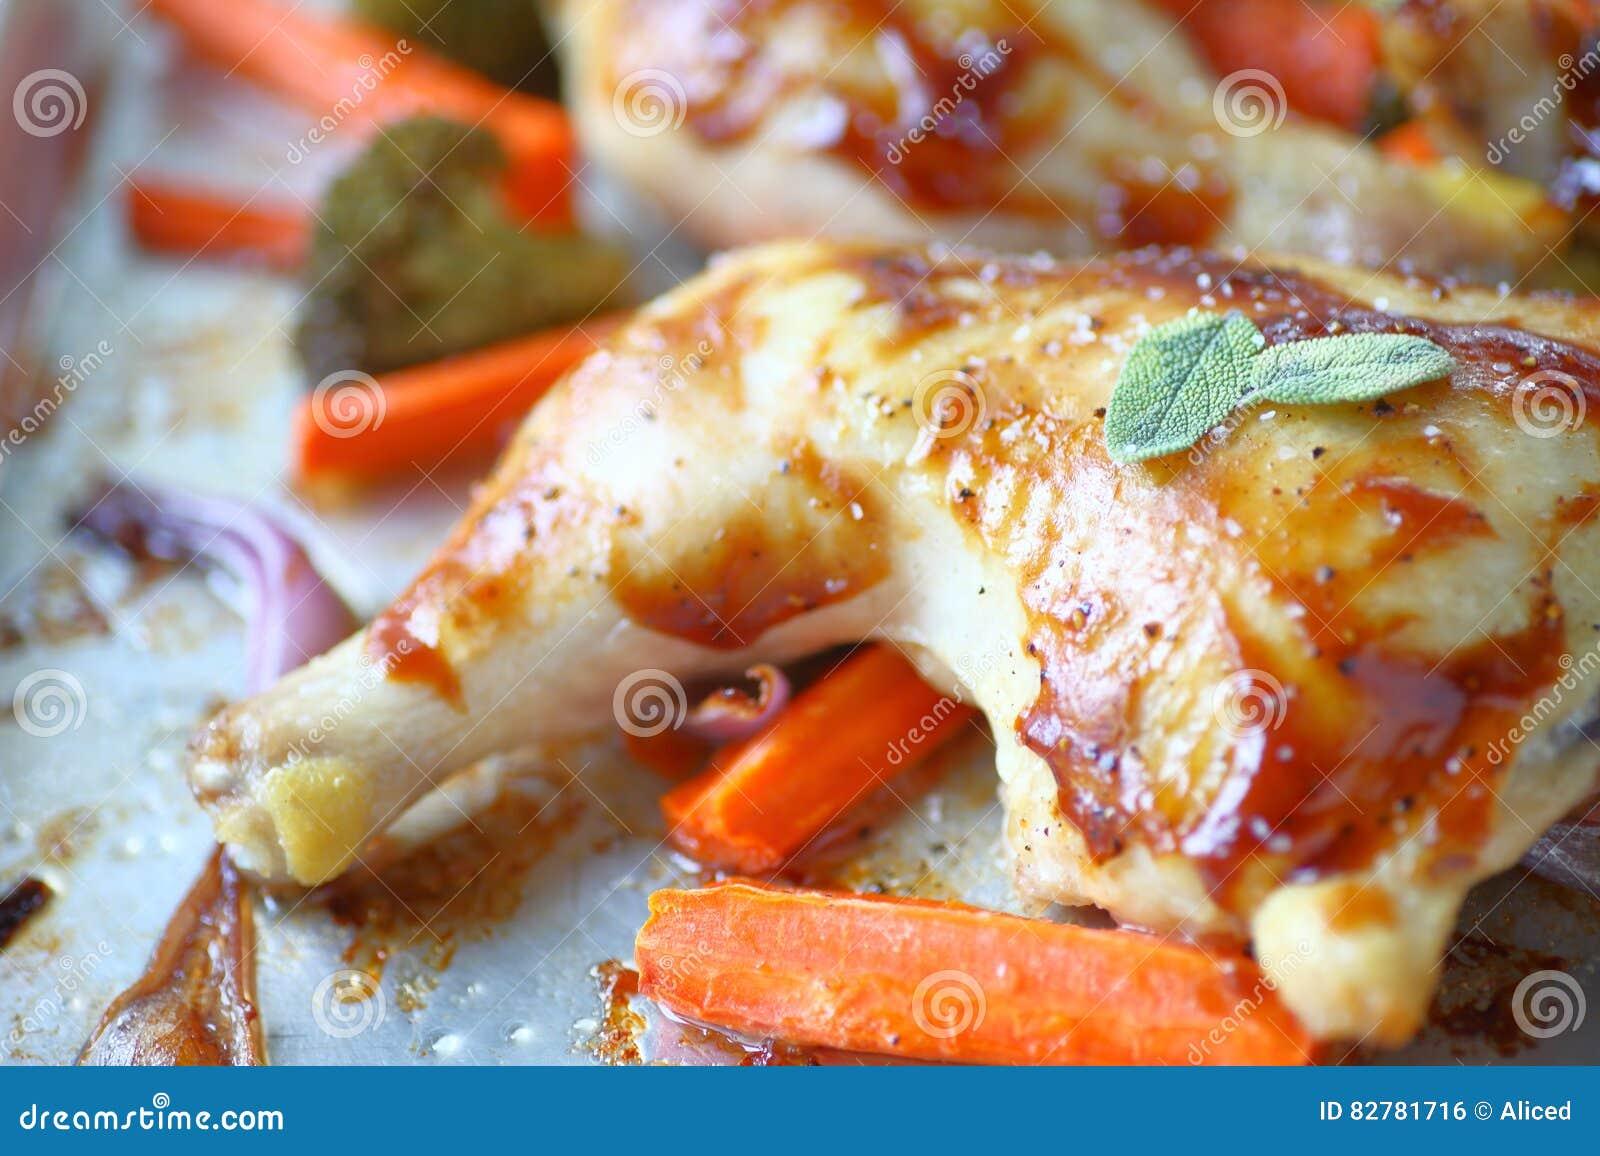 Cuartos del pollo asado foto de archivo. Imagen de cena - 82781716